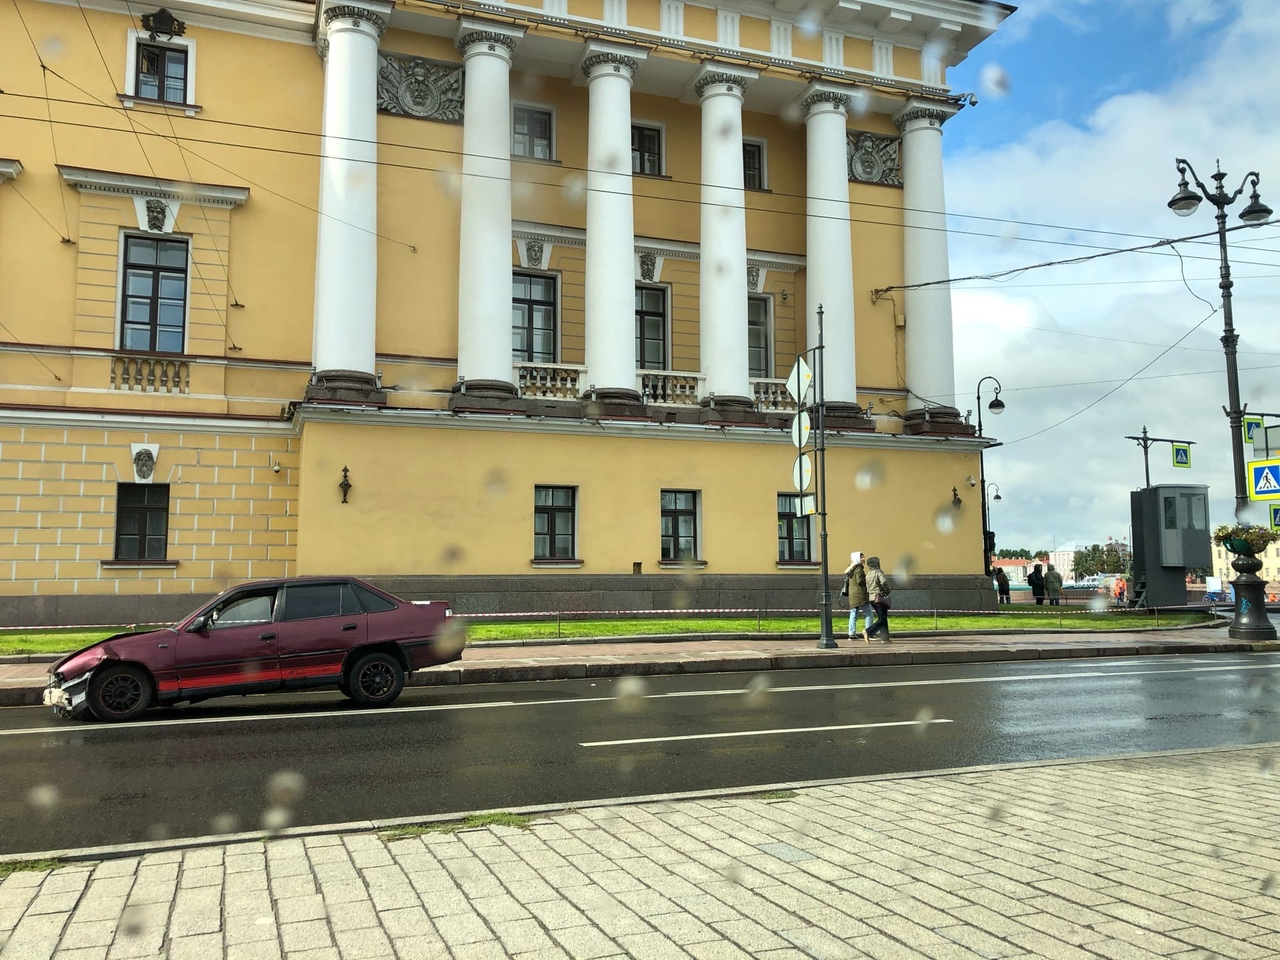 Вот эта разбитая машина стоит на автобусной полосе и мешается, прямо напротив Дворцового моста уже м...